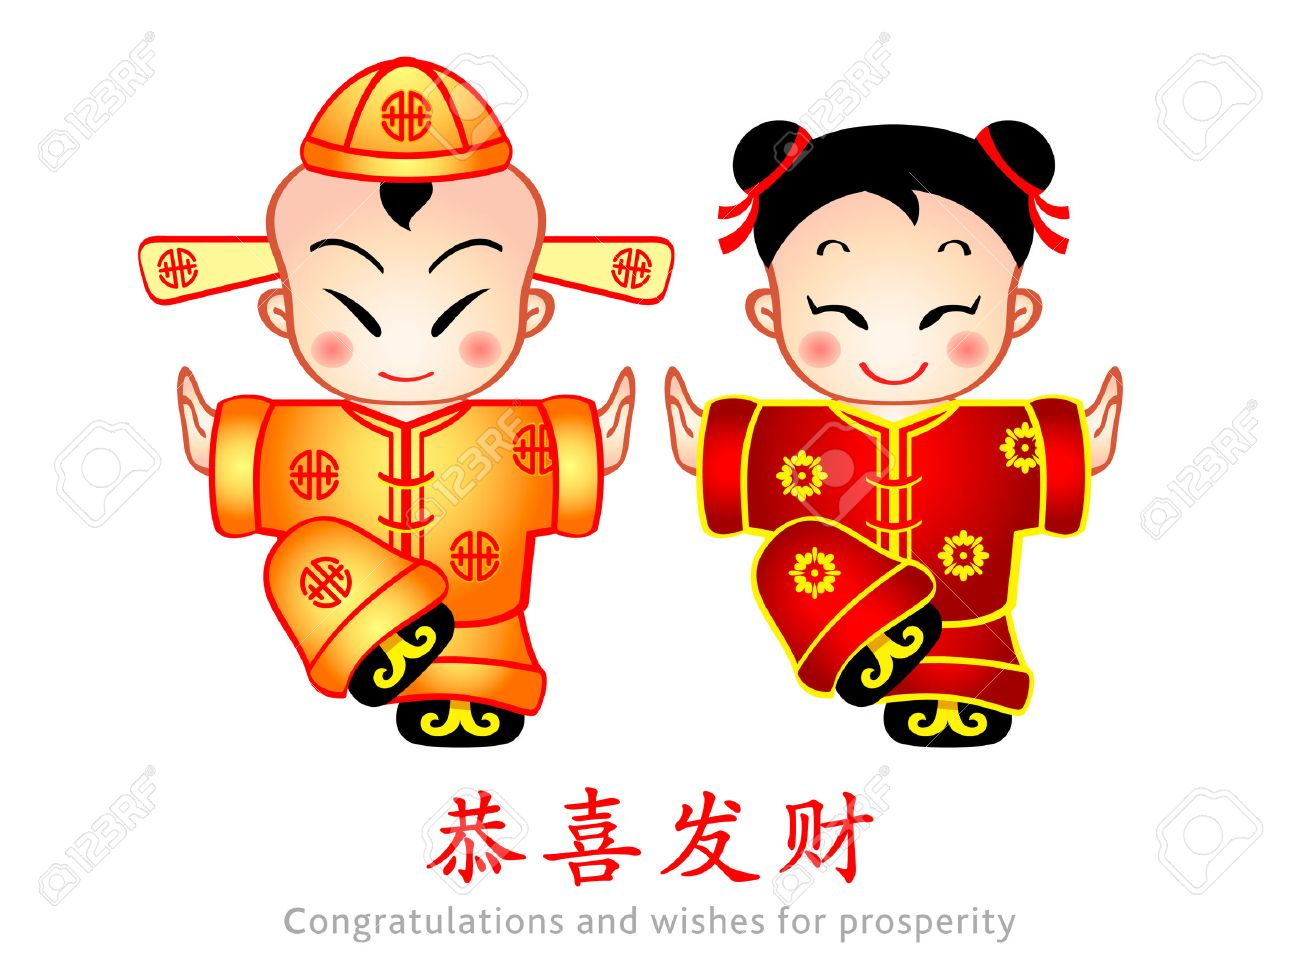 gefeliciteerd vertaling chinees